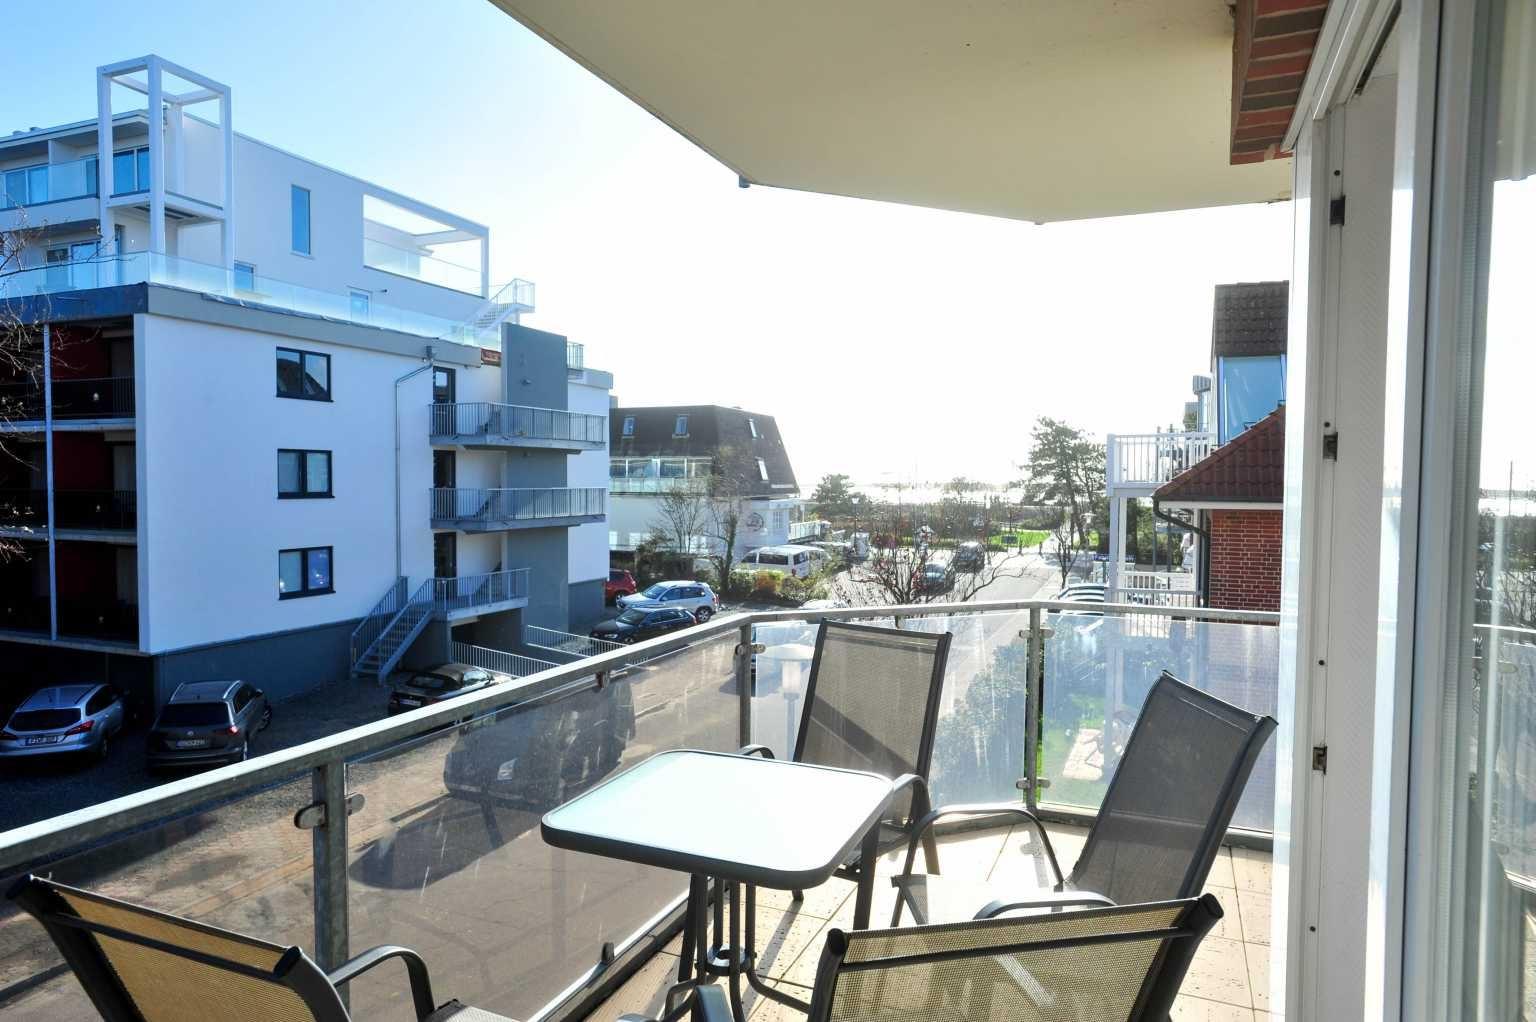 """Ausblick vom Balkon zum Strand Wohnung 5 """"Meer und Sonne"""", Strandläuferweg 10, St. Peter-Bad"""